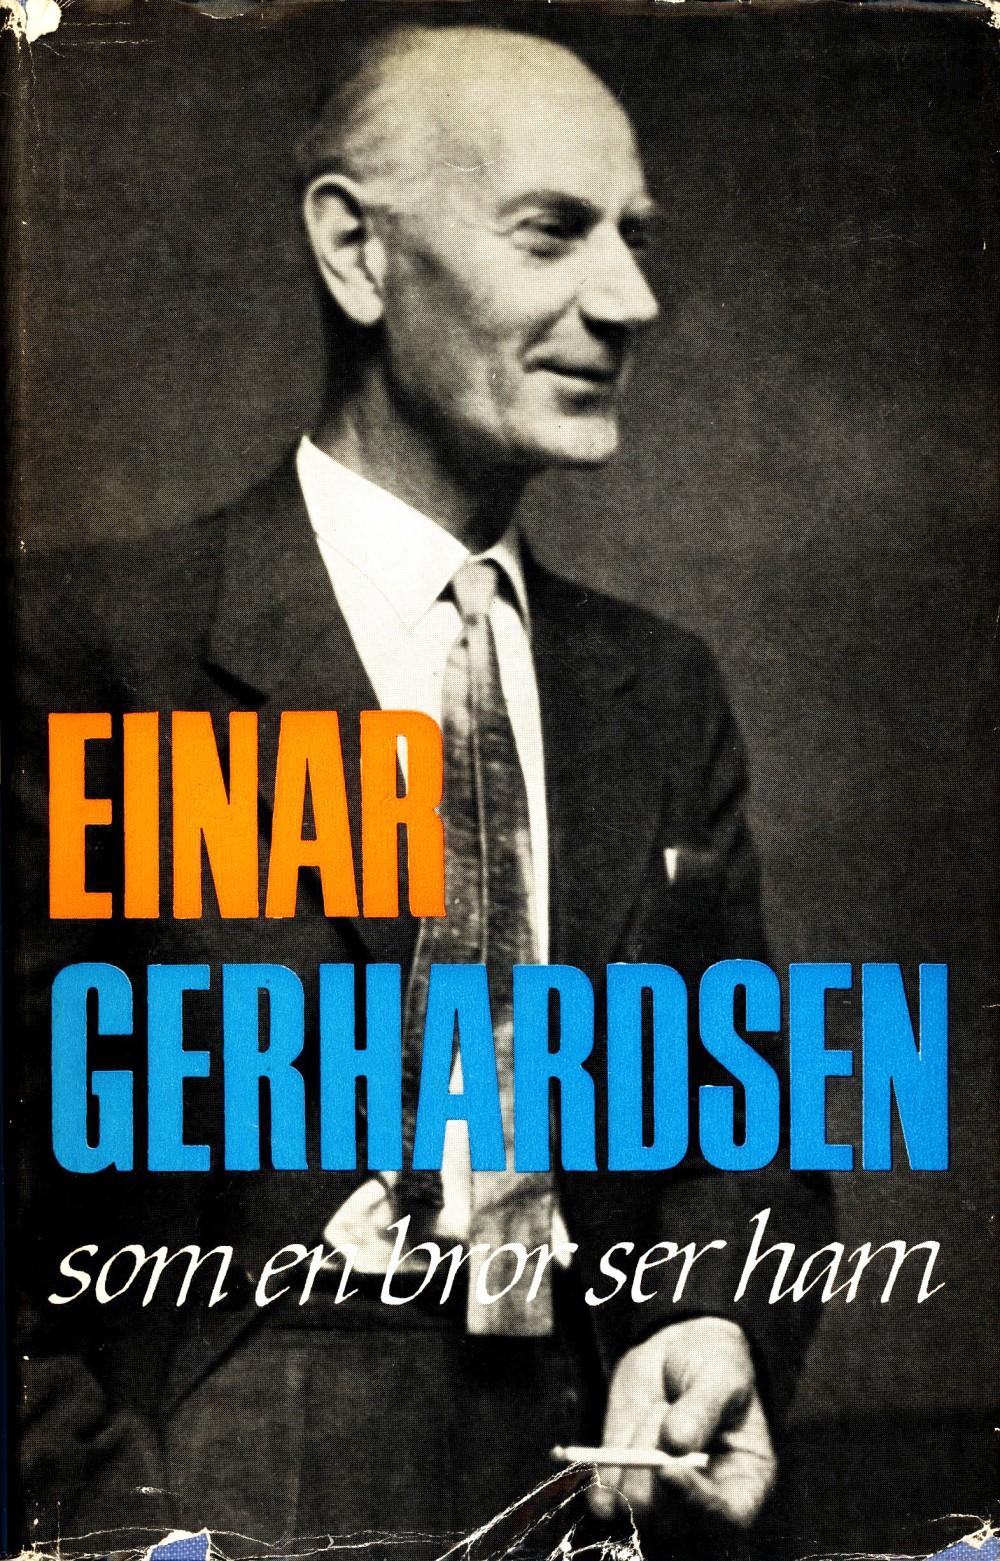 Rolf Gerhardsen: Einar Gerhardsen som en bror ser ham